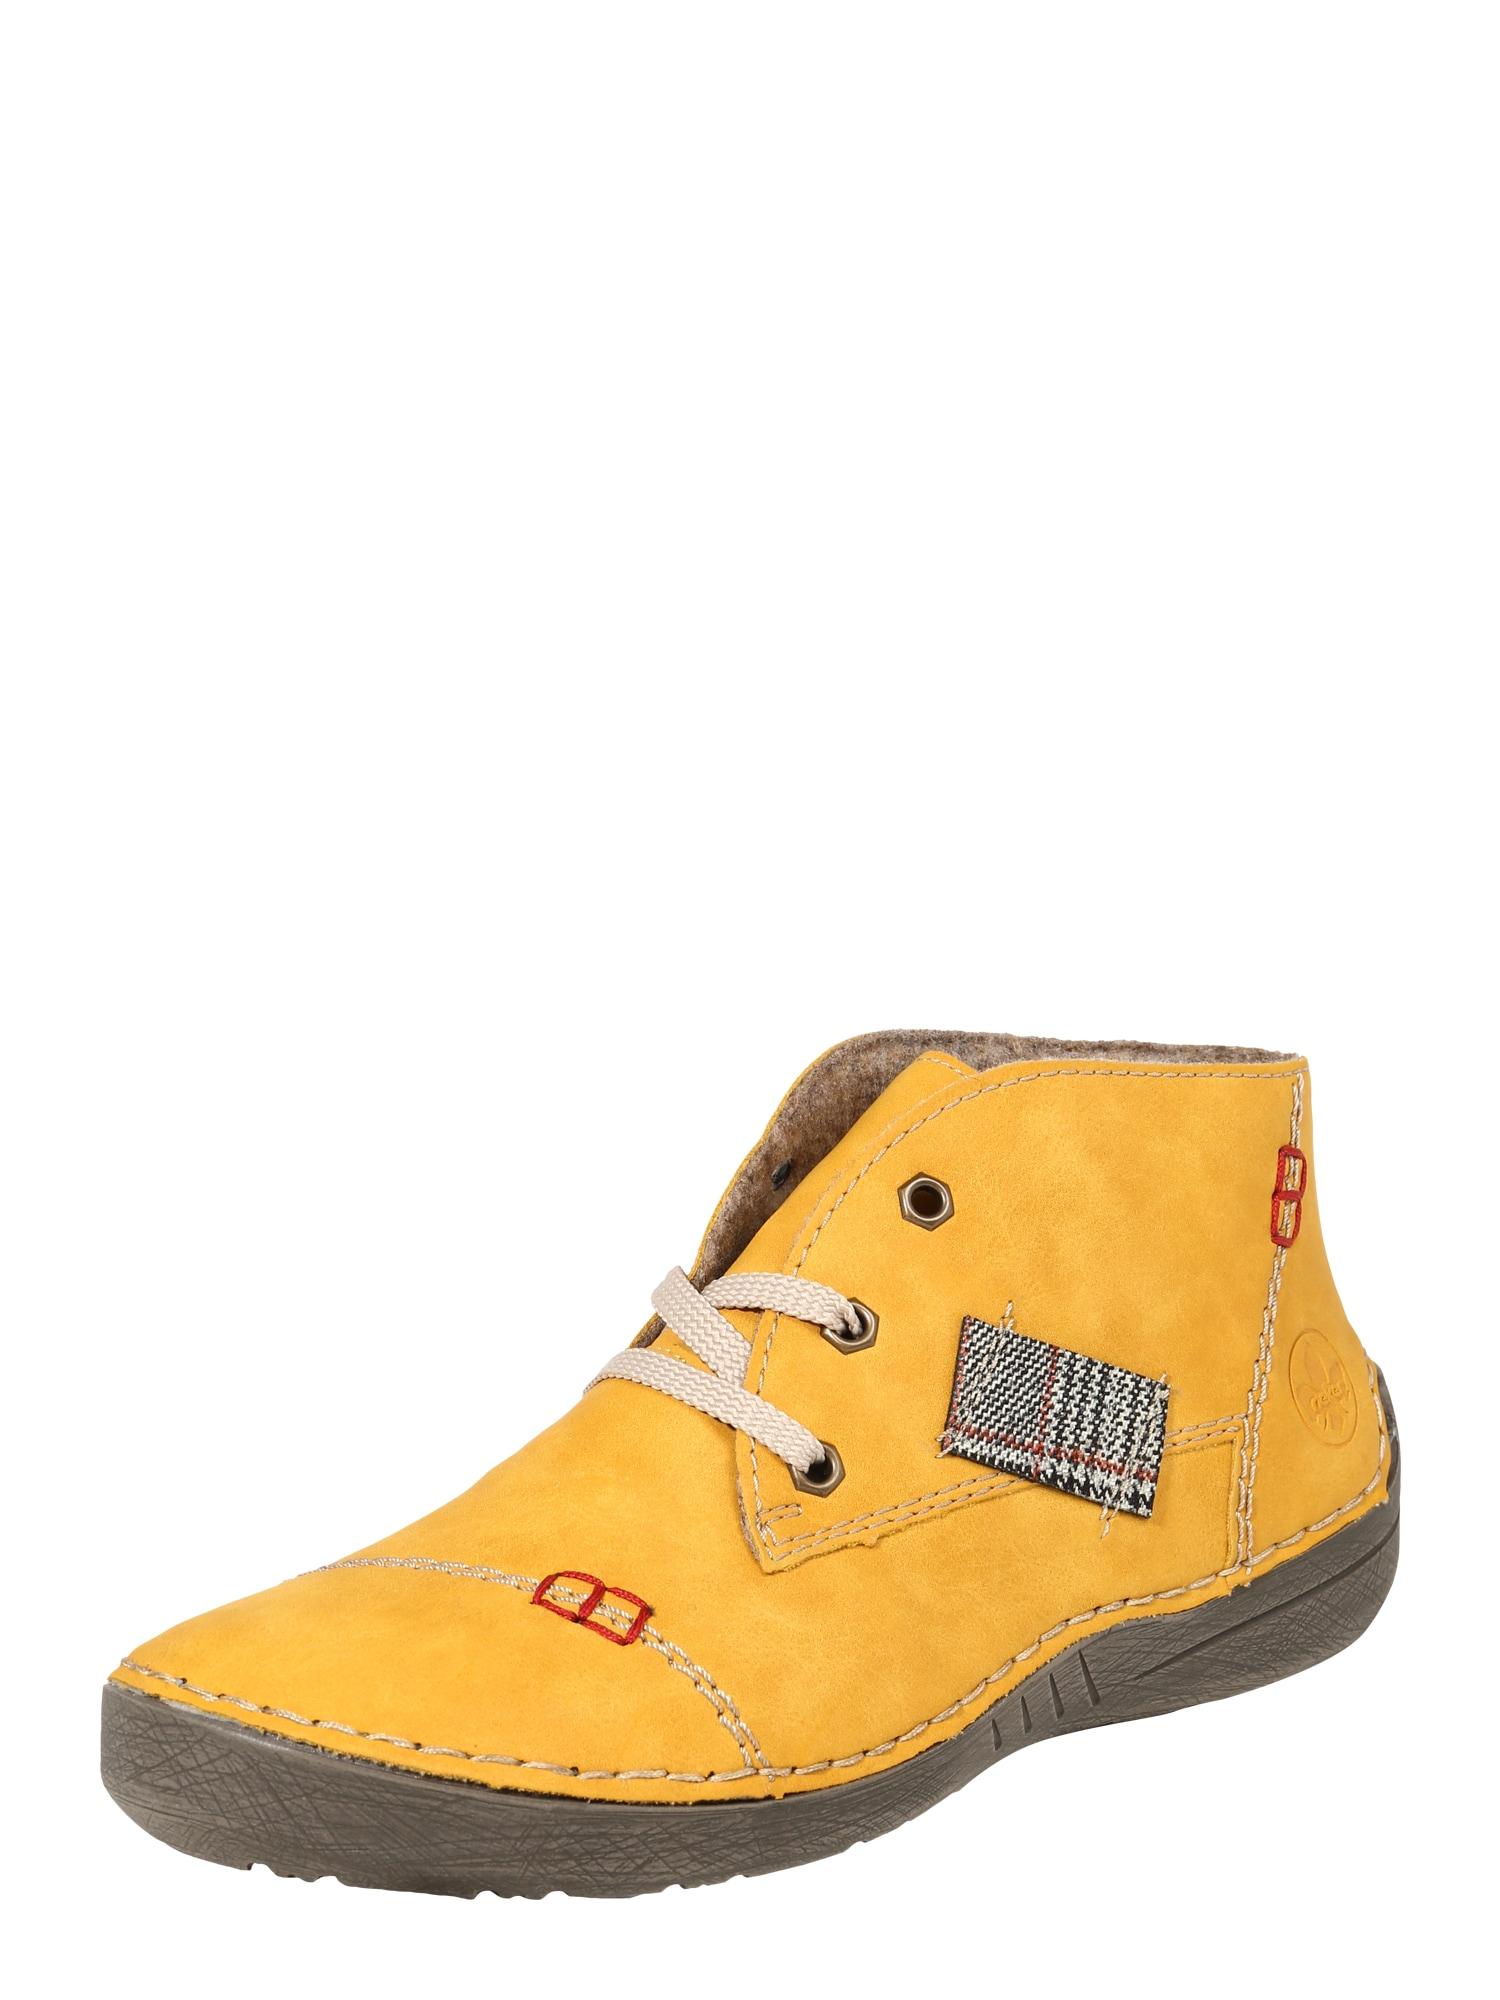 RIEKER Šněrovací boty  žlutá / červená / černá